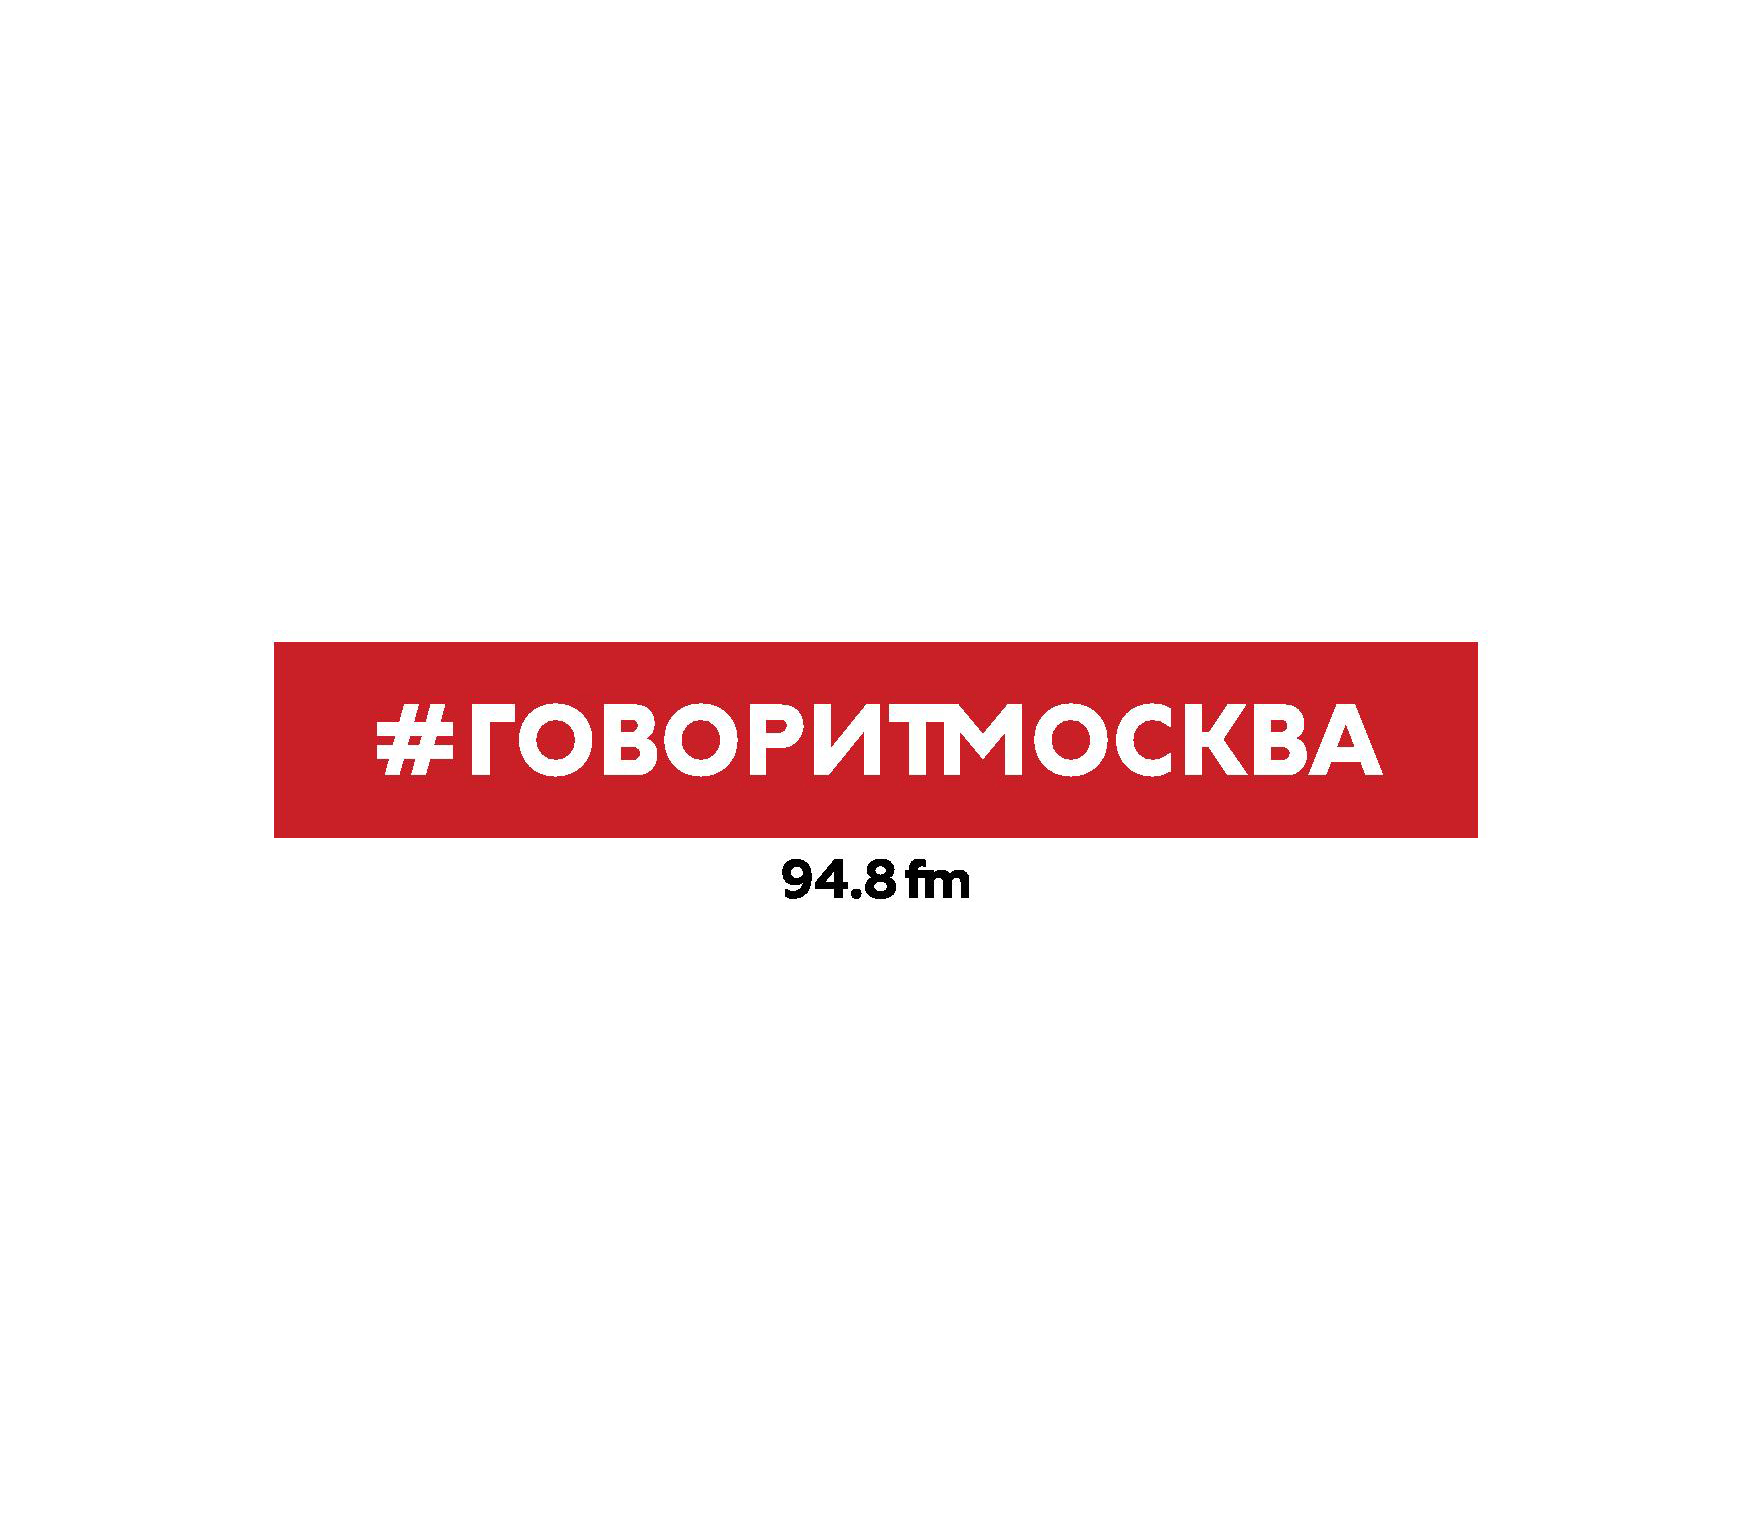 Макс Челноков 16 марта. Алексей Чеснаков алексей челноков ксения собчак проект против всех